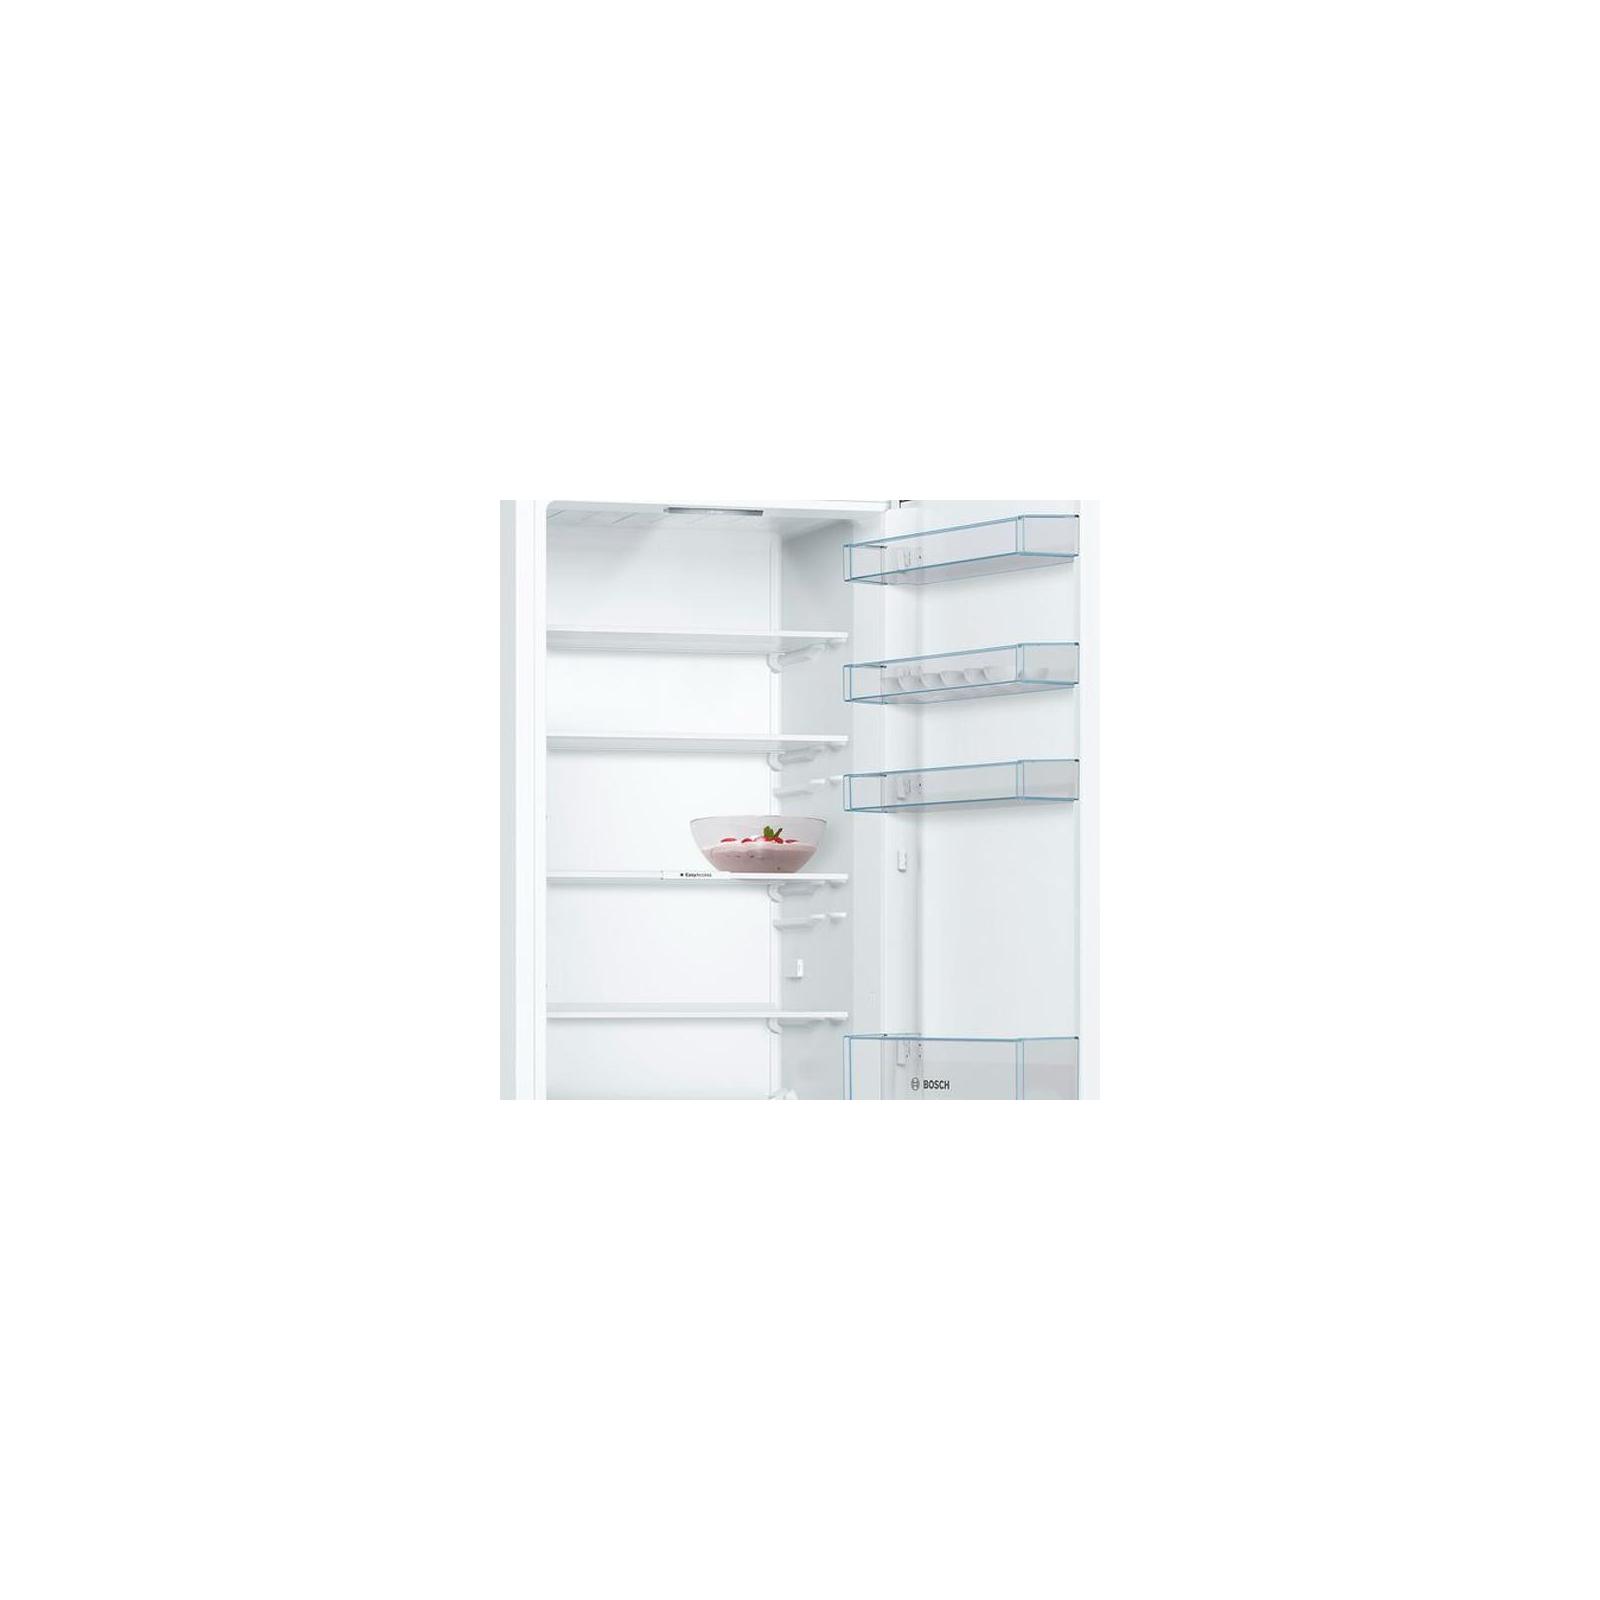 Холодильник BOSCH HA KGV39VW316 изображение 3